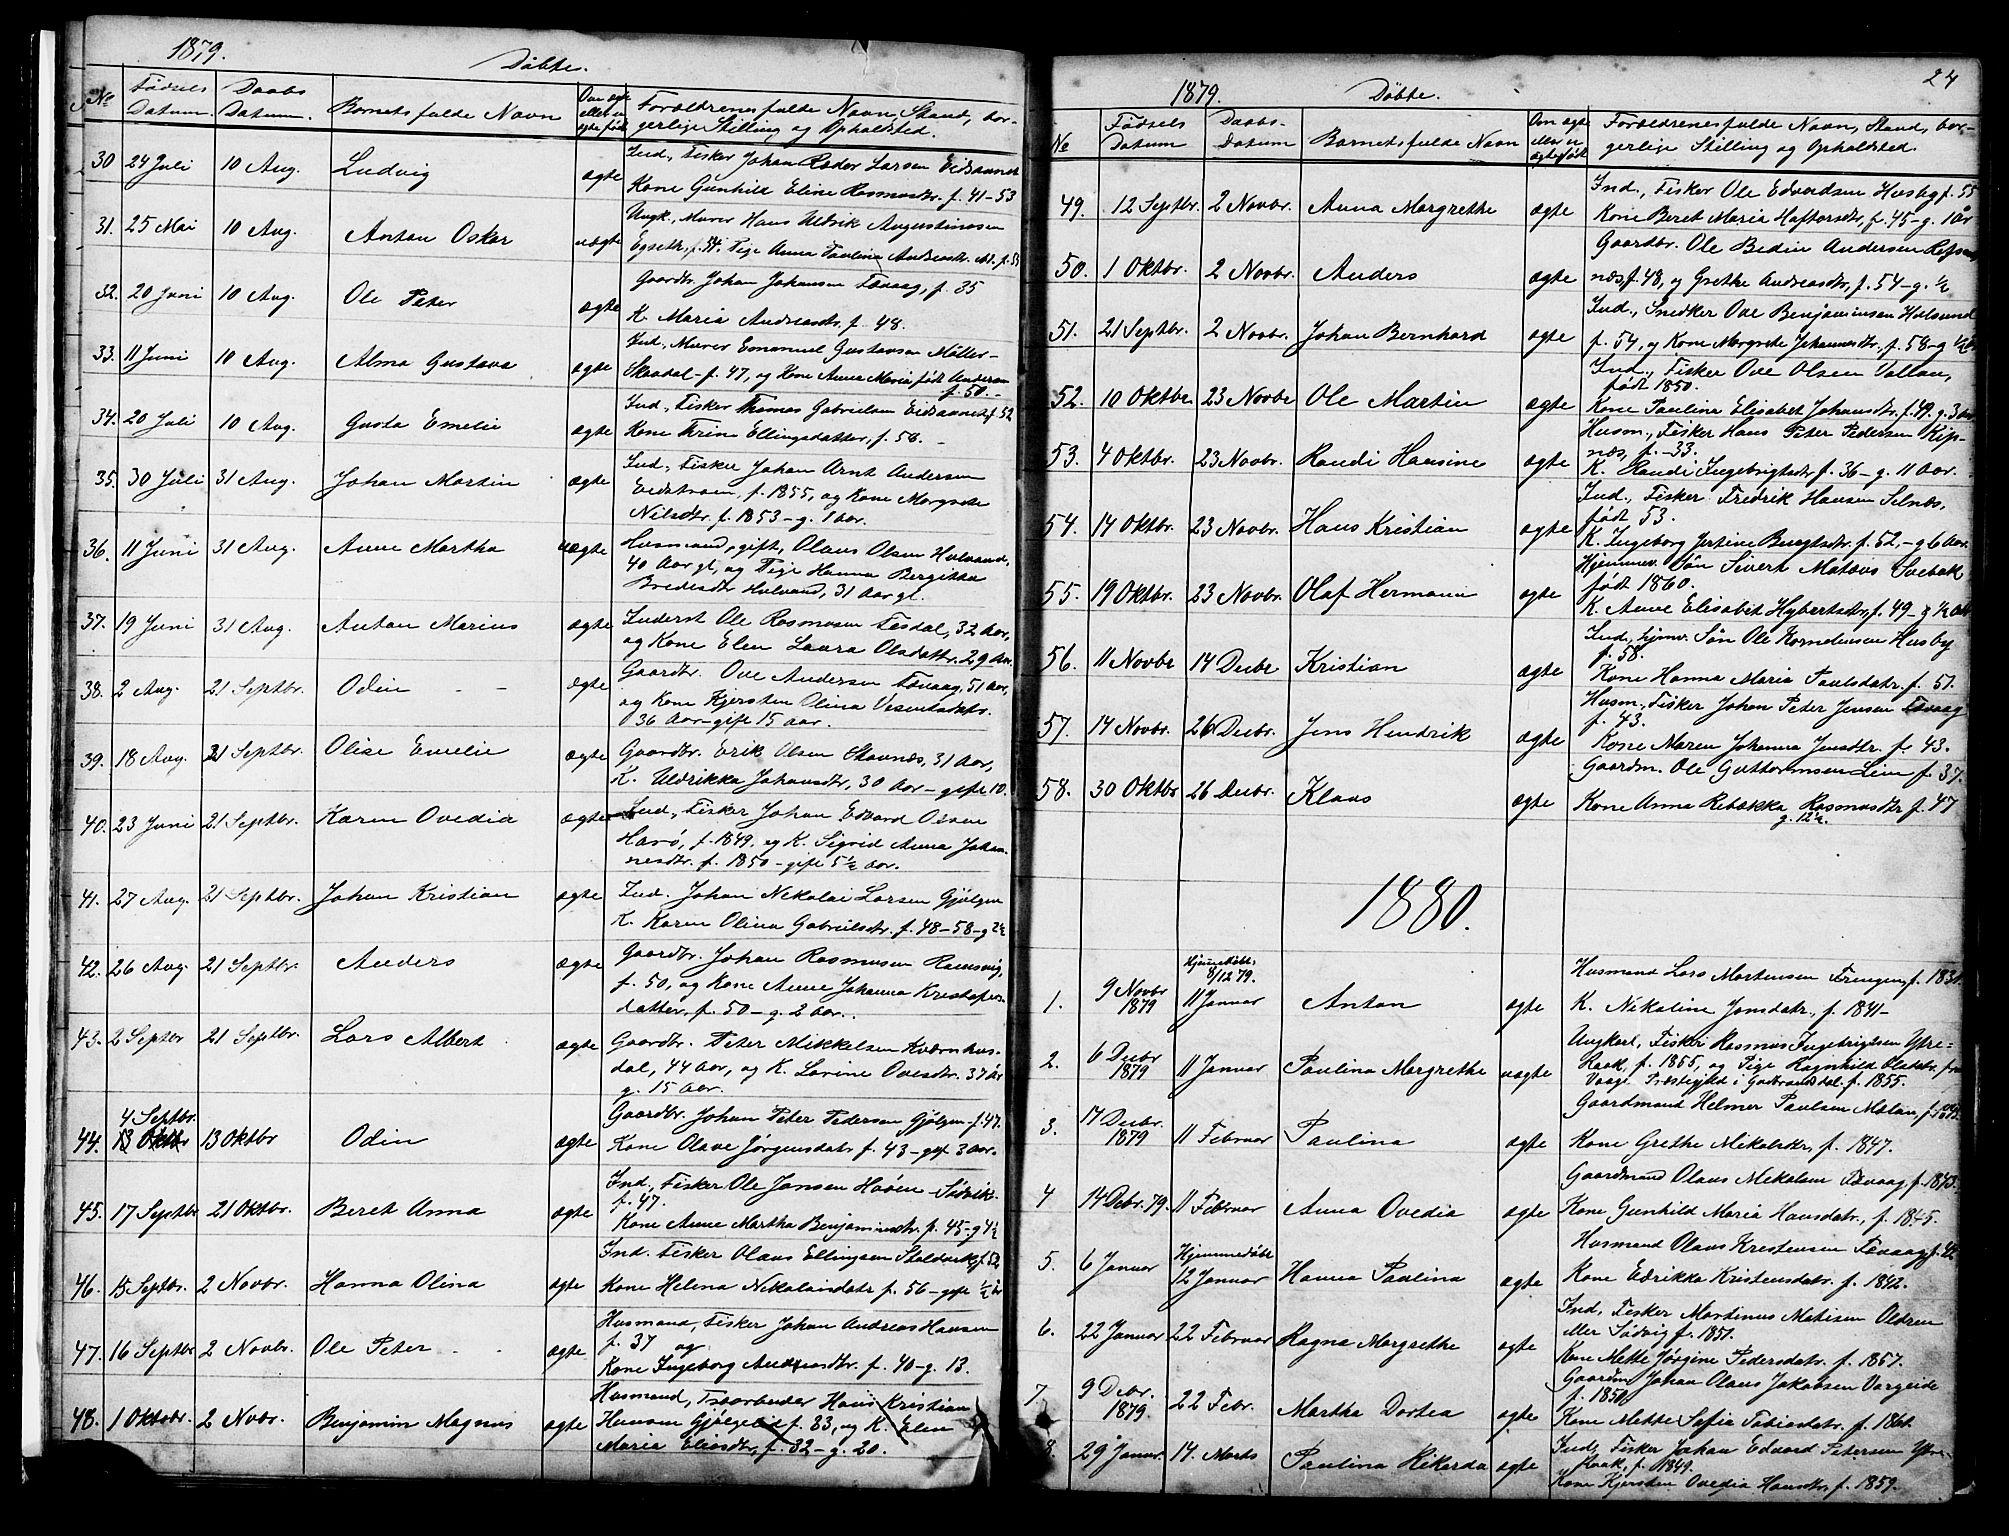 SAT, Ministerialprotokoller, klokkerbøker og fødselsregistre - Sør-Trøndelag, 653/L0657: Klokkerbok nr. 653C01, 1866-1893, s. 24